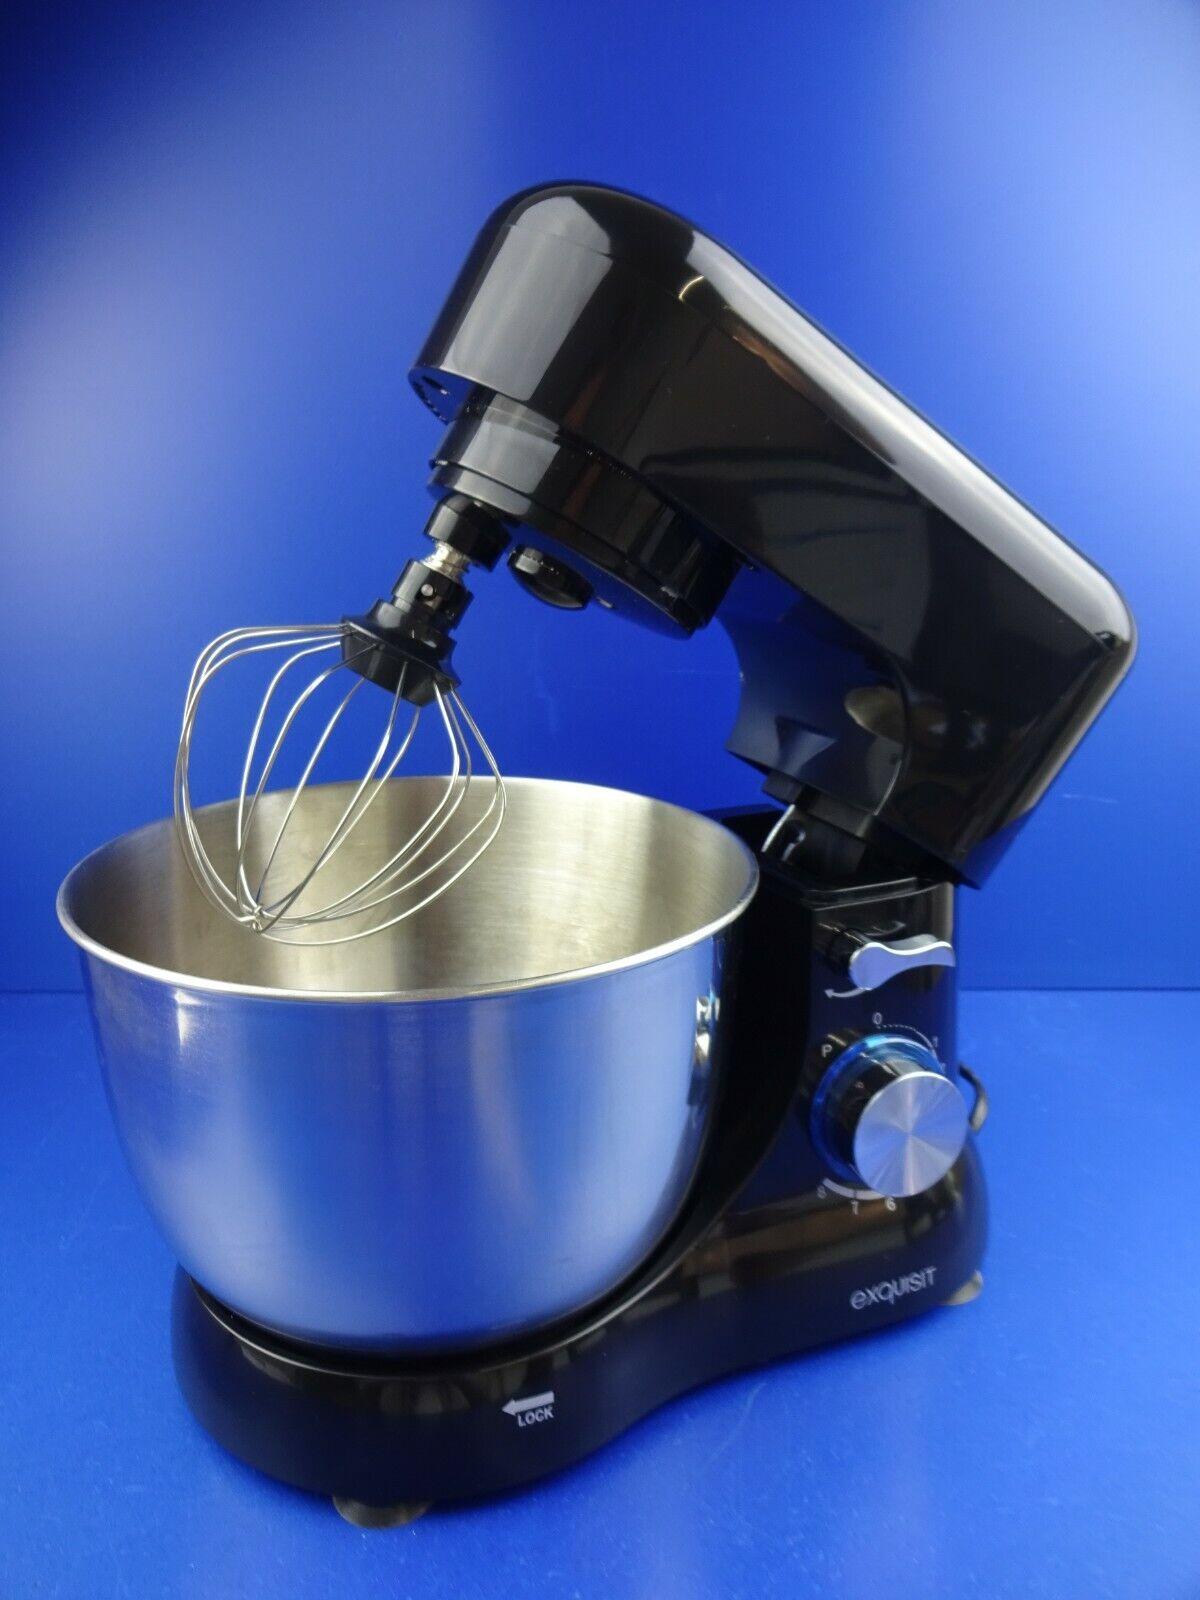 ANGEBOT Exquisit KM 3101 Küchenmaschine Rührmaschine Küchenhelfer Schwarz